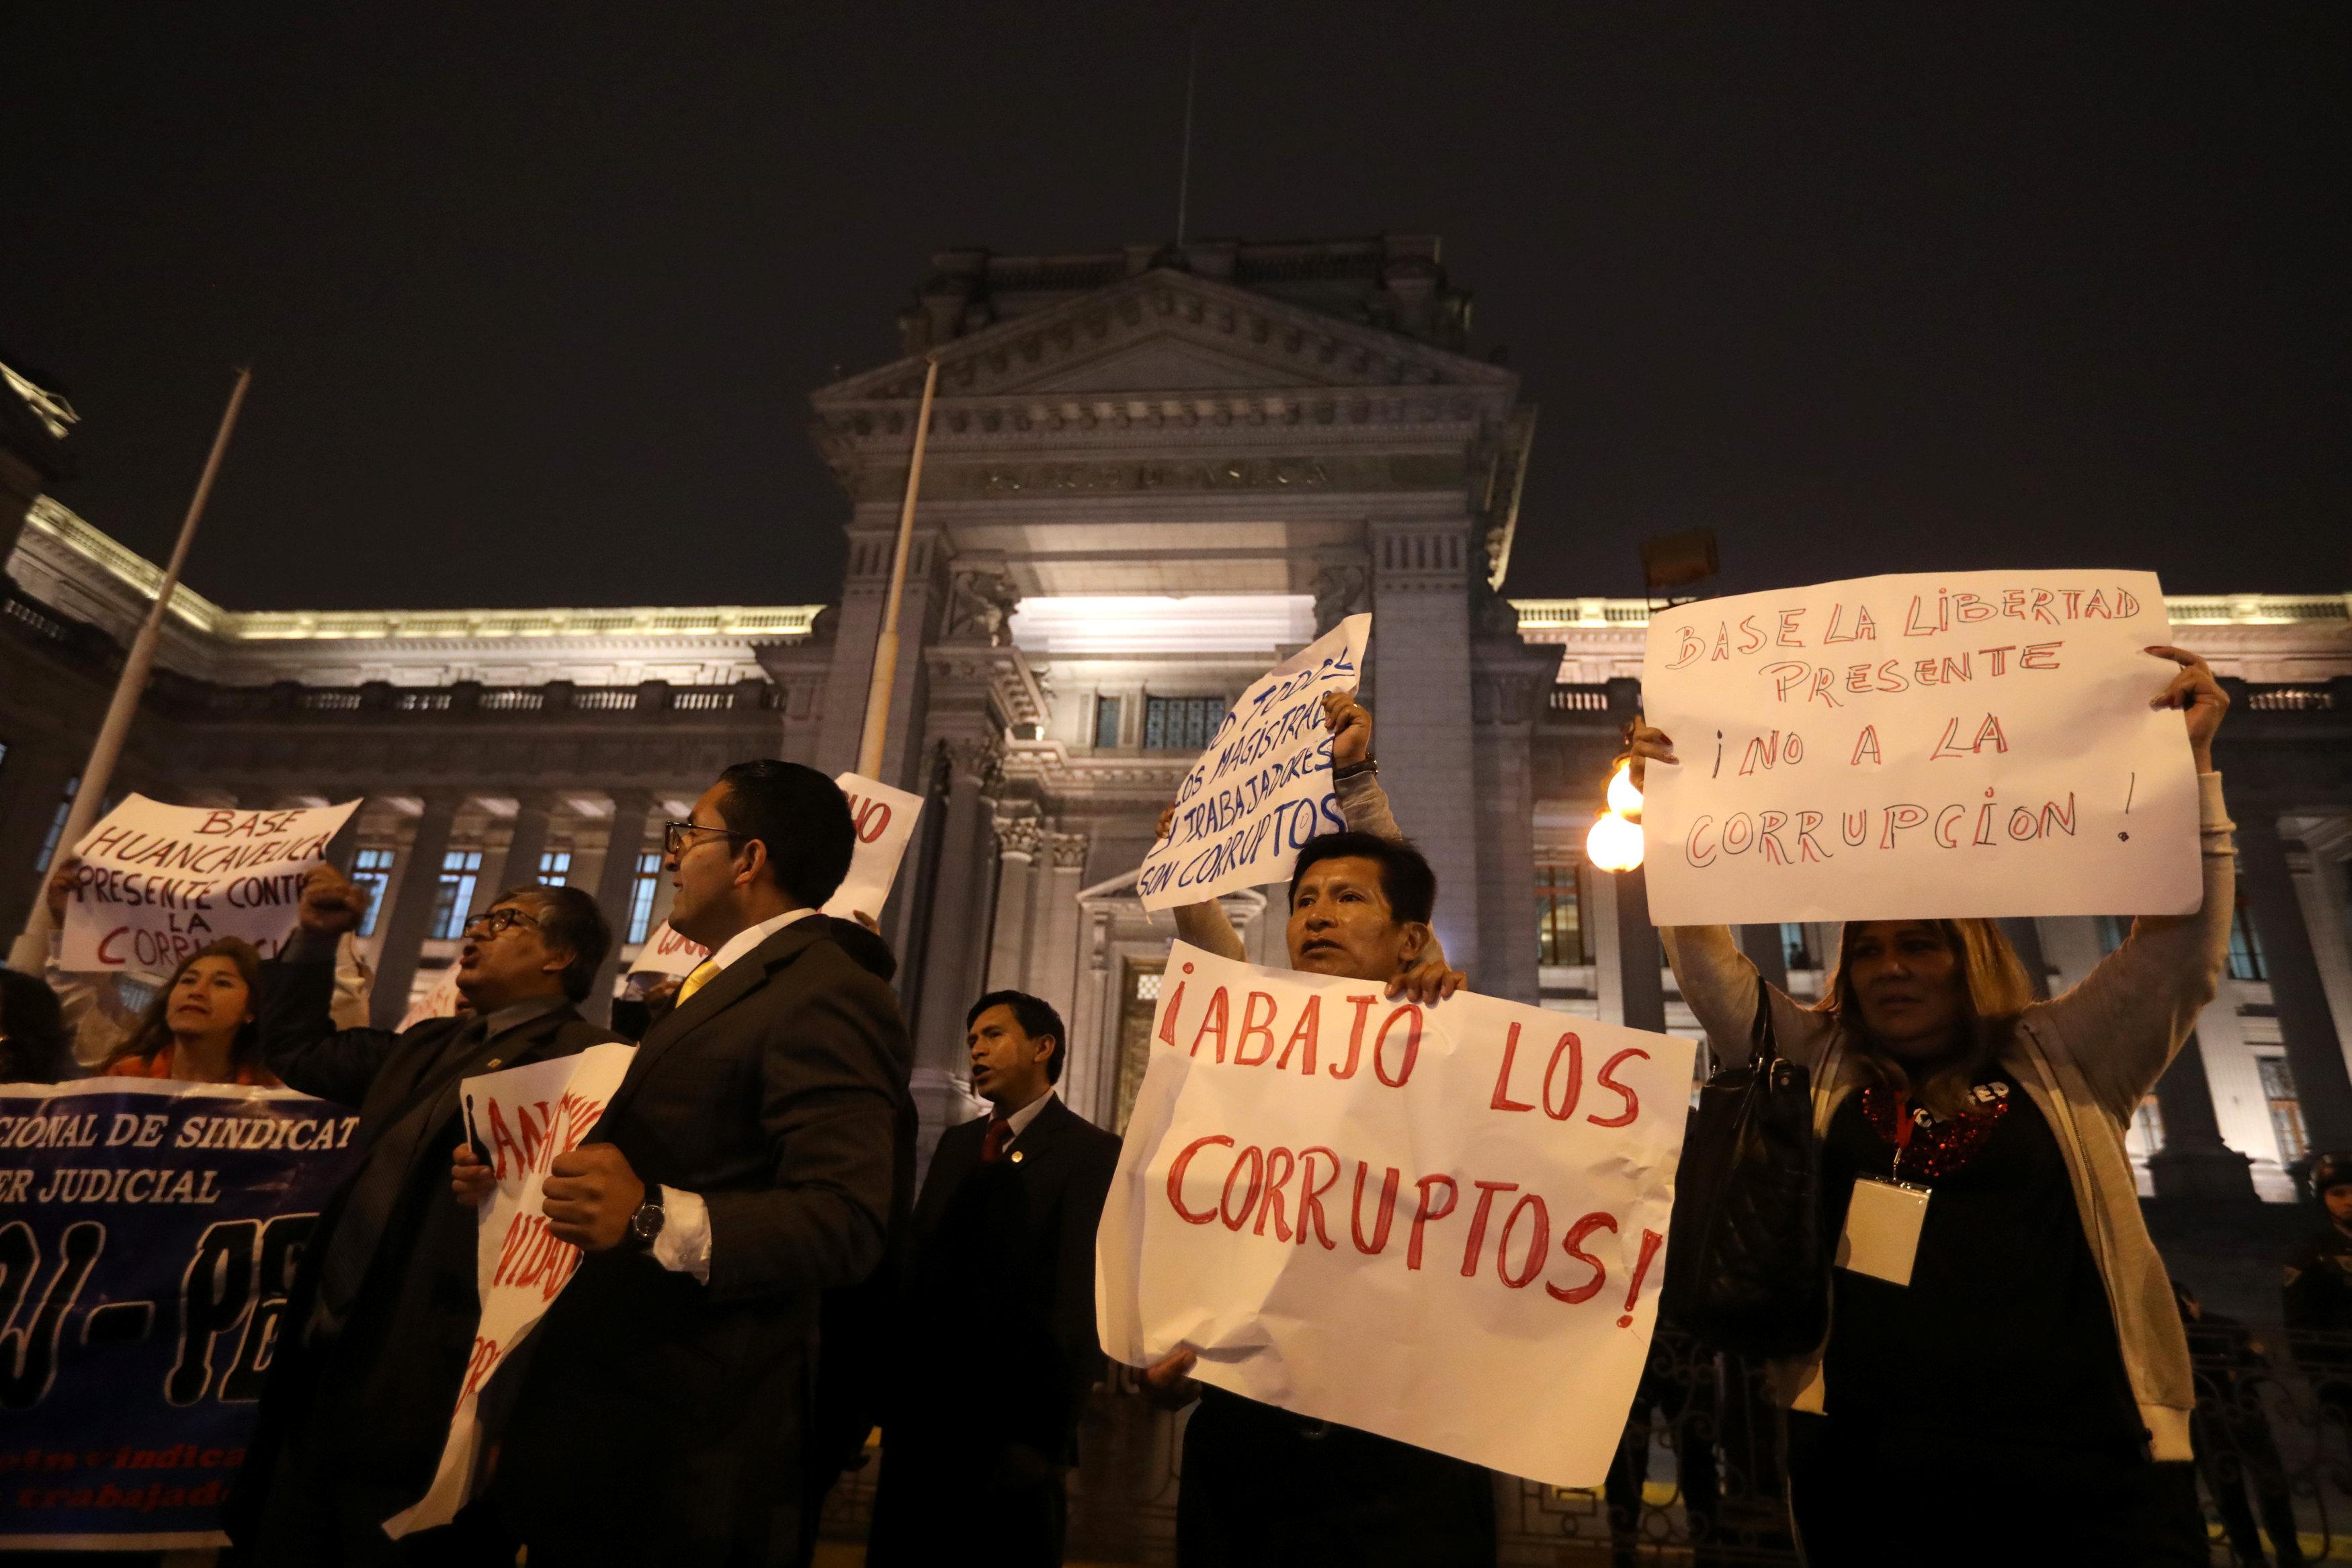 جانب من الاحتجاجات فى بيرو